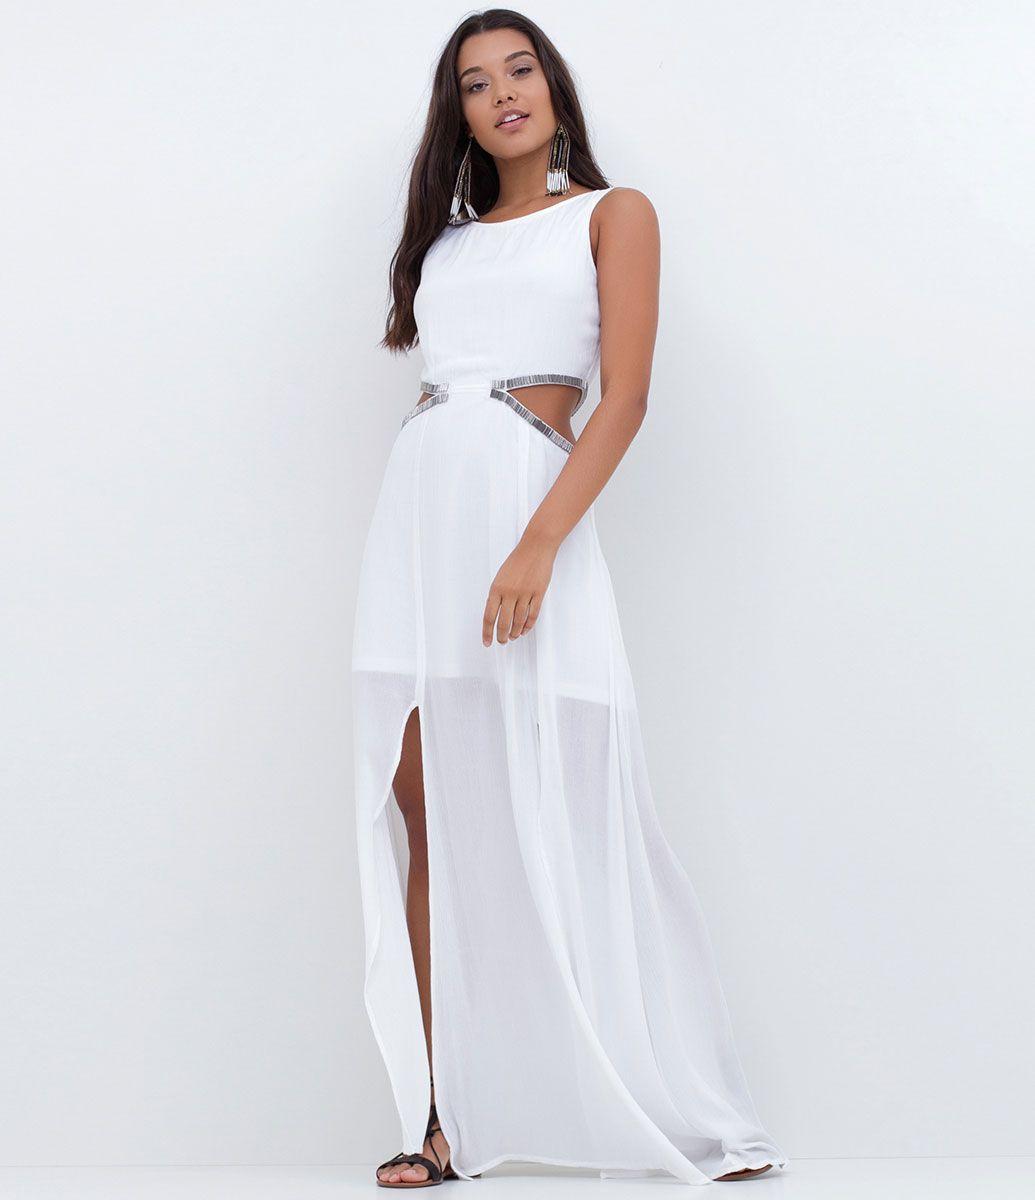 Sonhar com um vestido branco longo